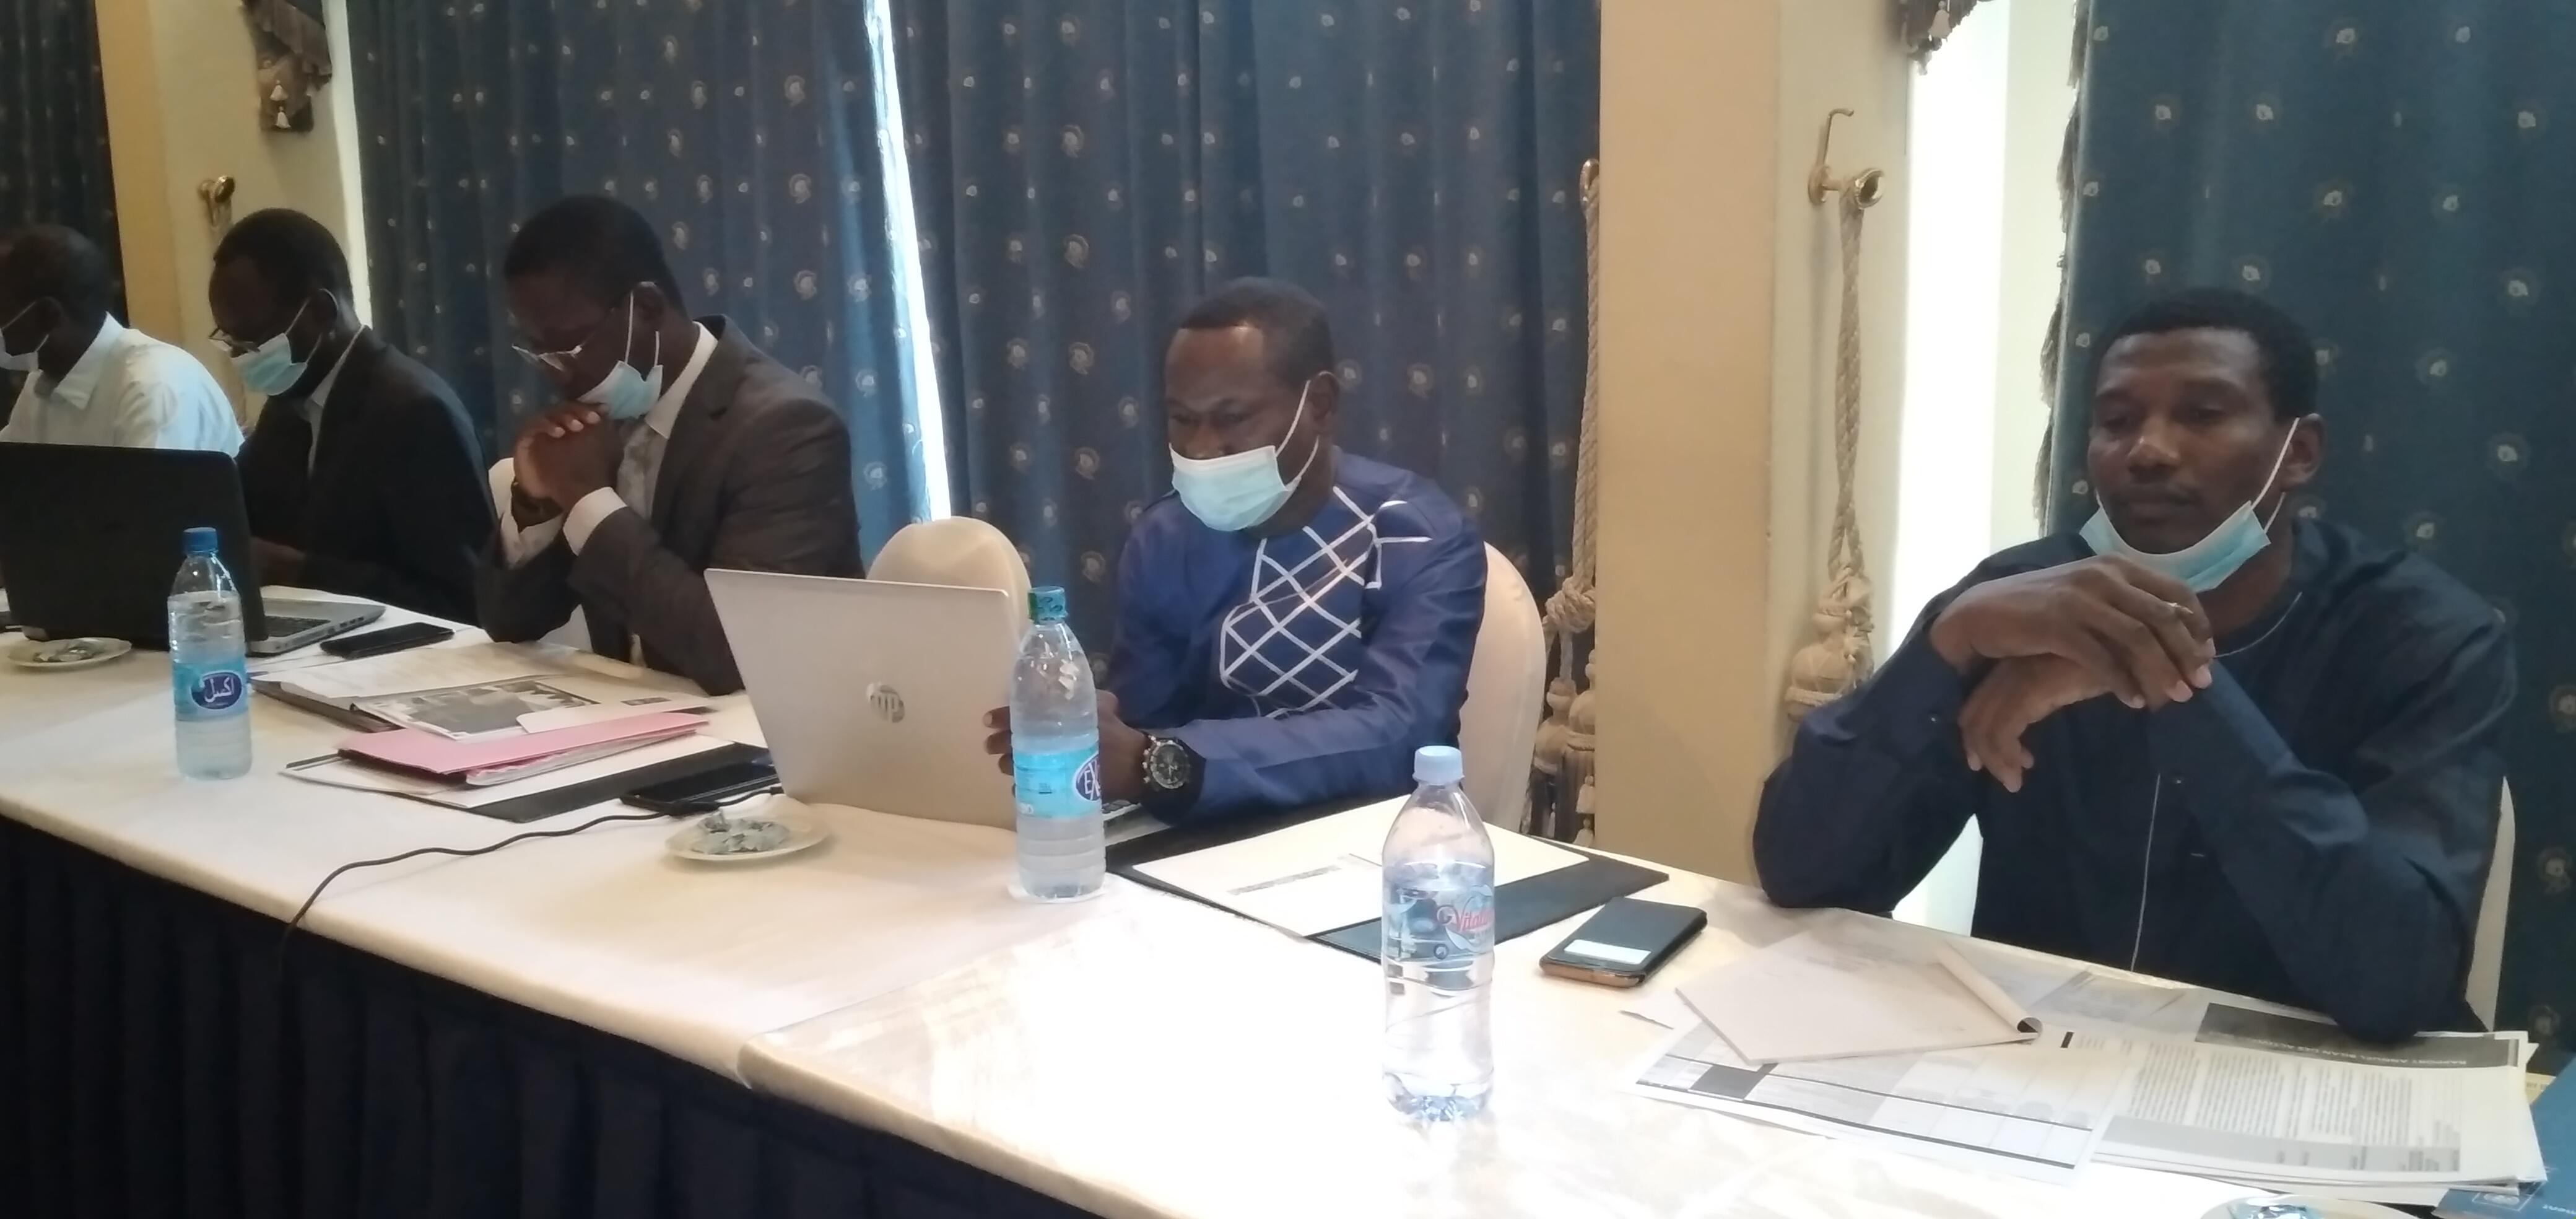 Tchad : trois projets à l'étude pour contrer les menaces environnementales sérieuses. © Ben Kadabio/Alwihda Info